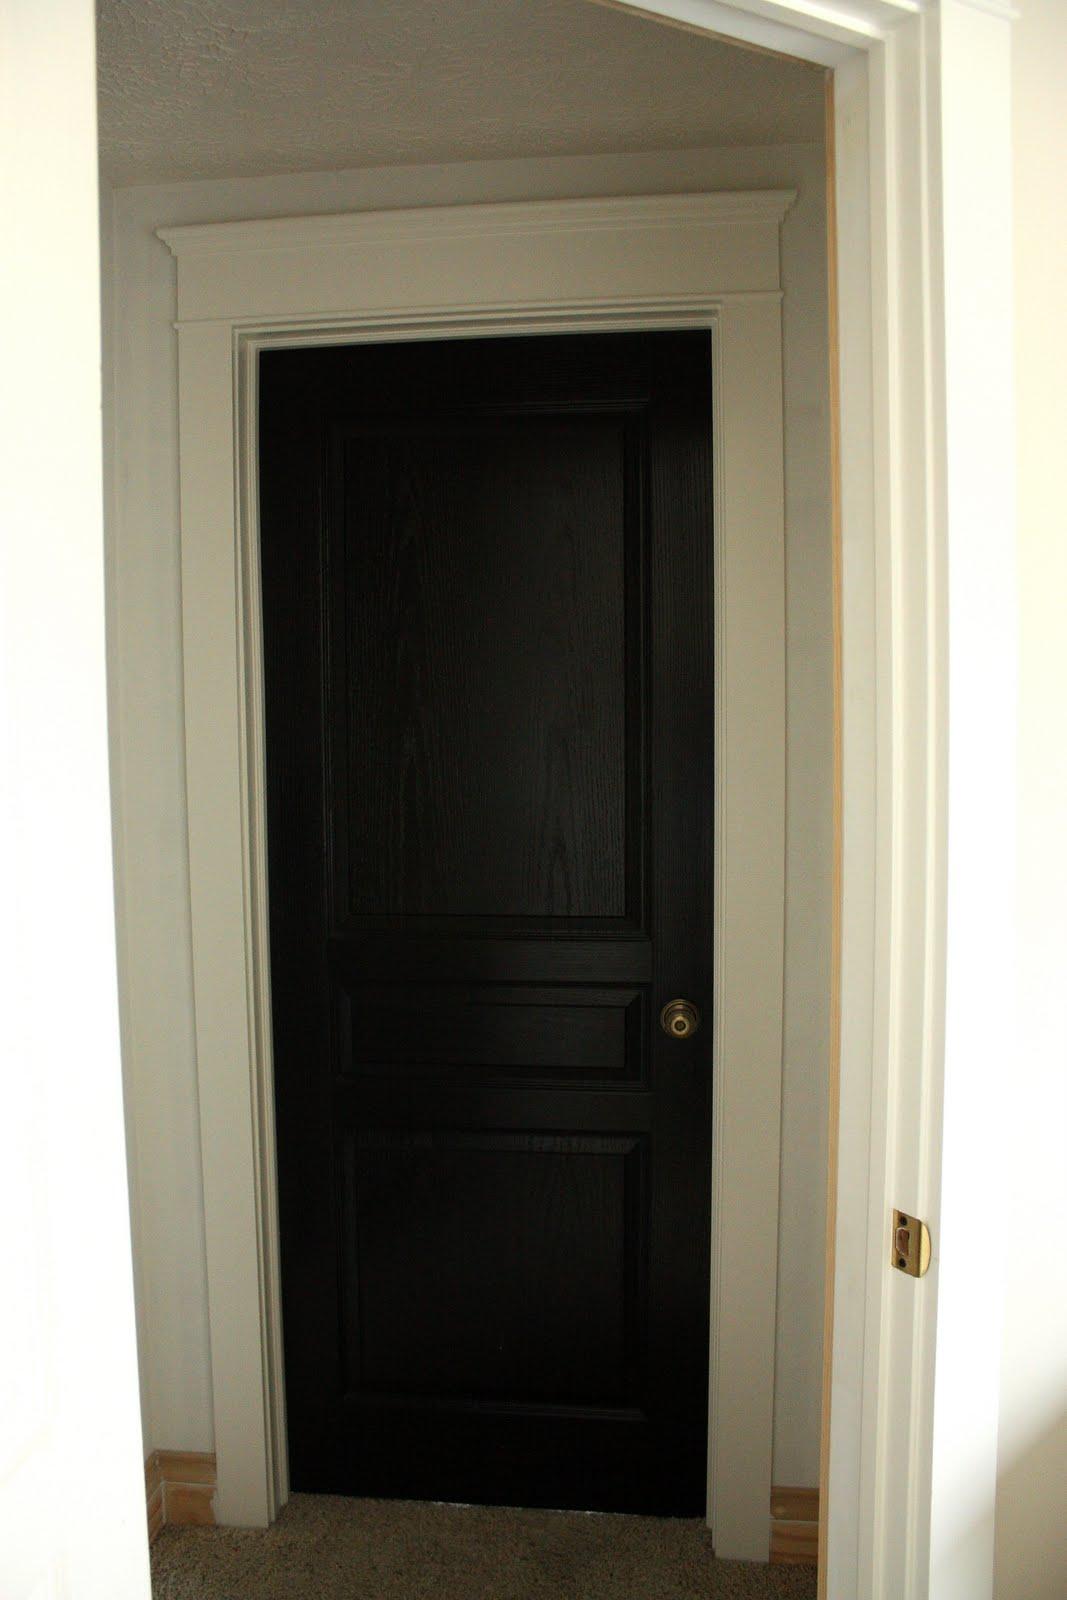 Woohooie: about those black doors